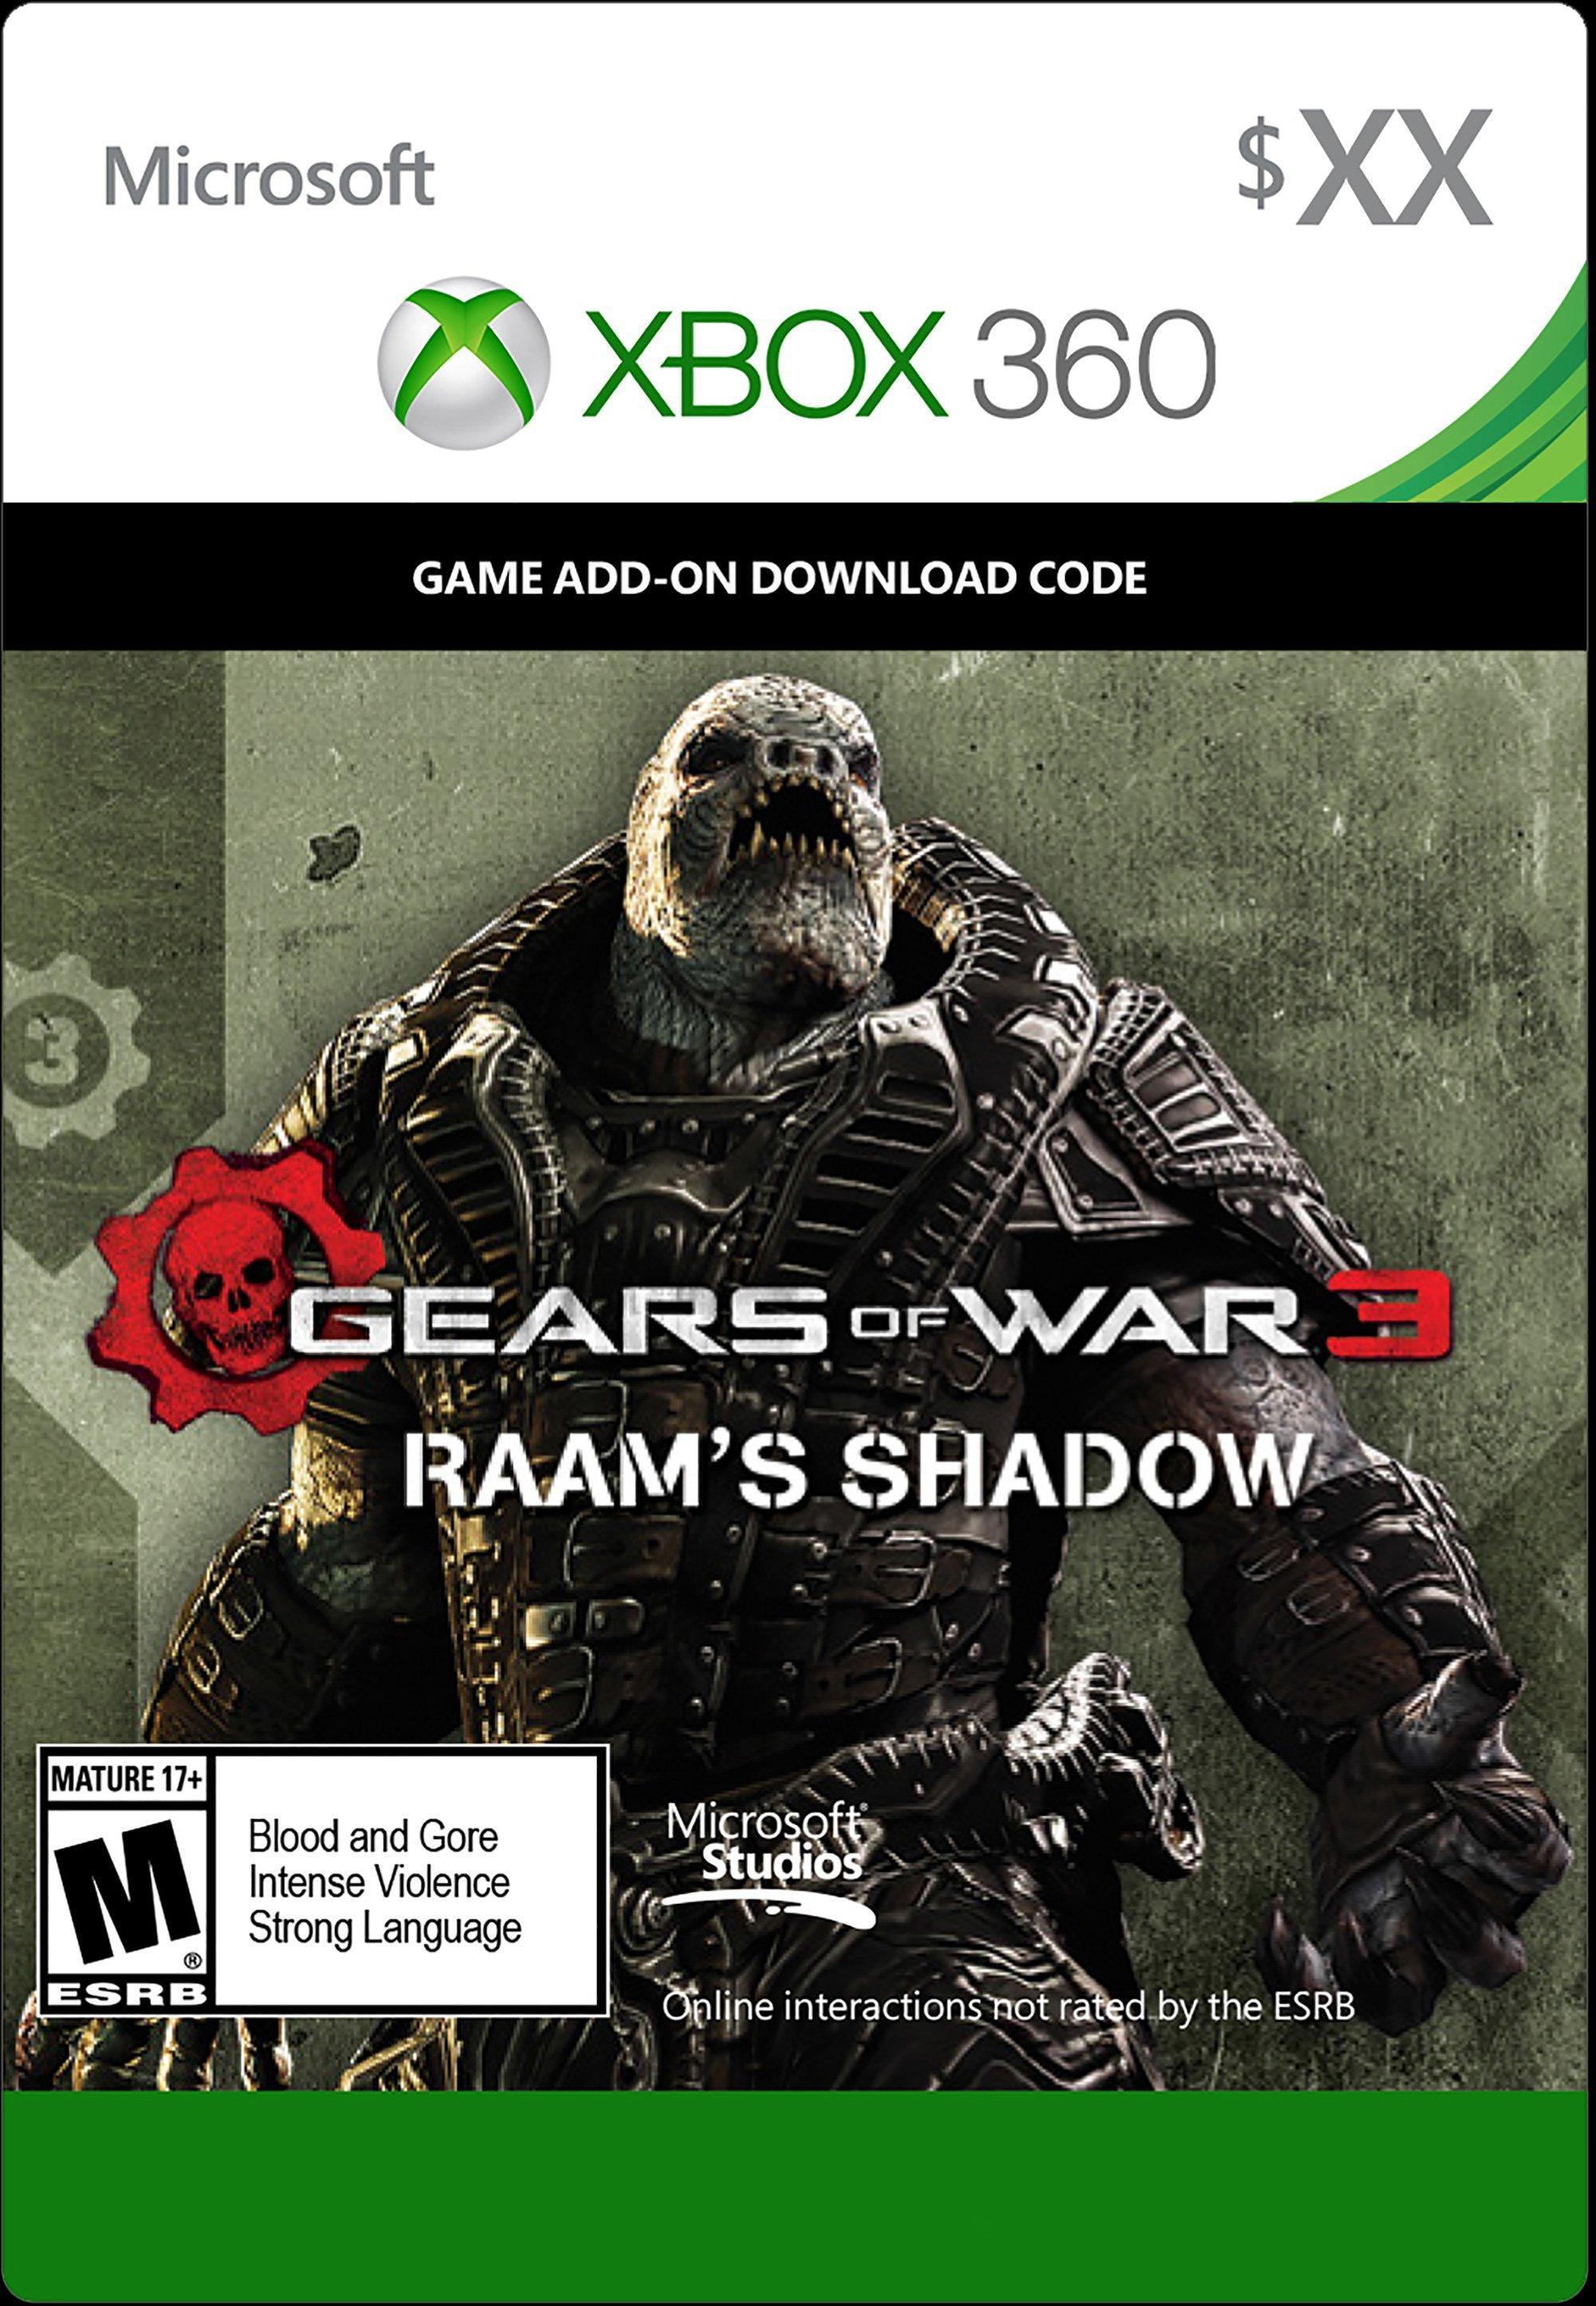 gears of war 3 raam shadow xbox 360